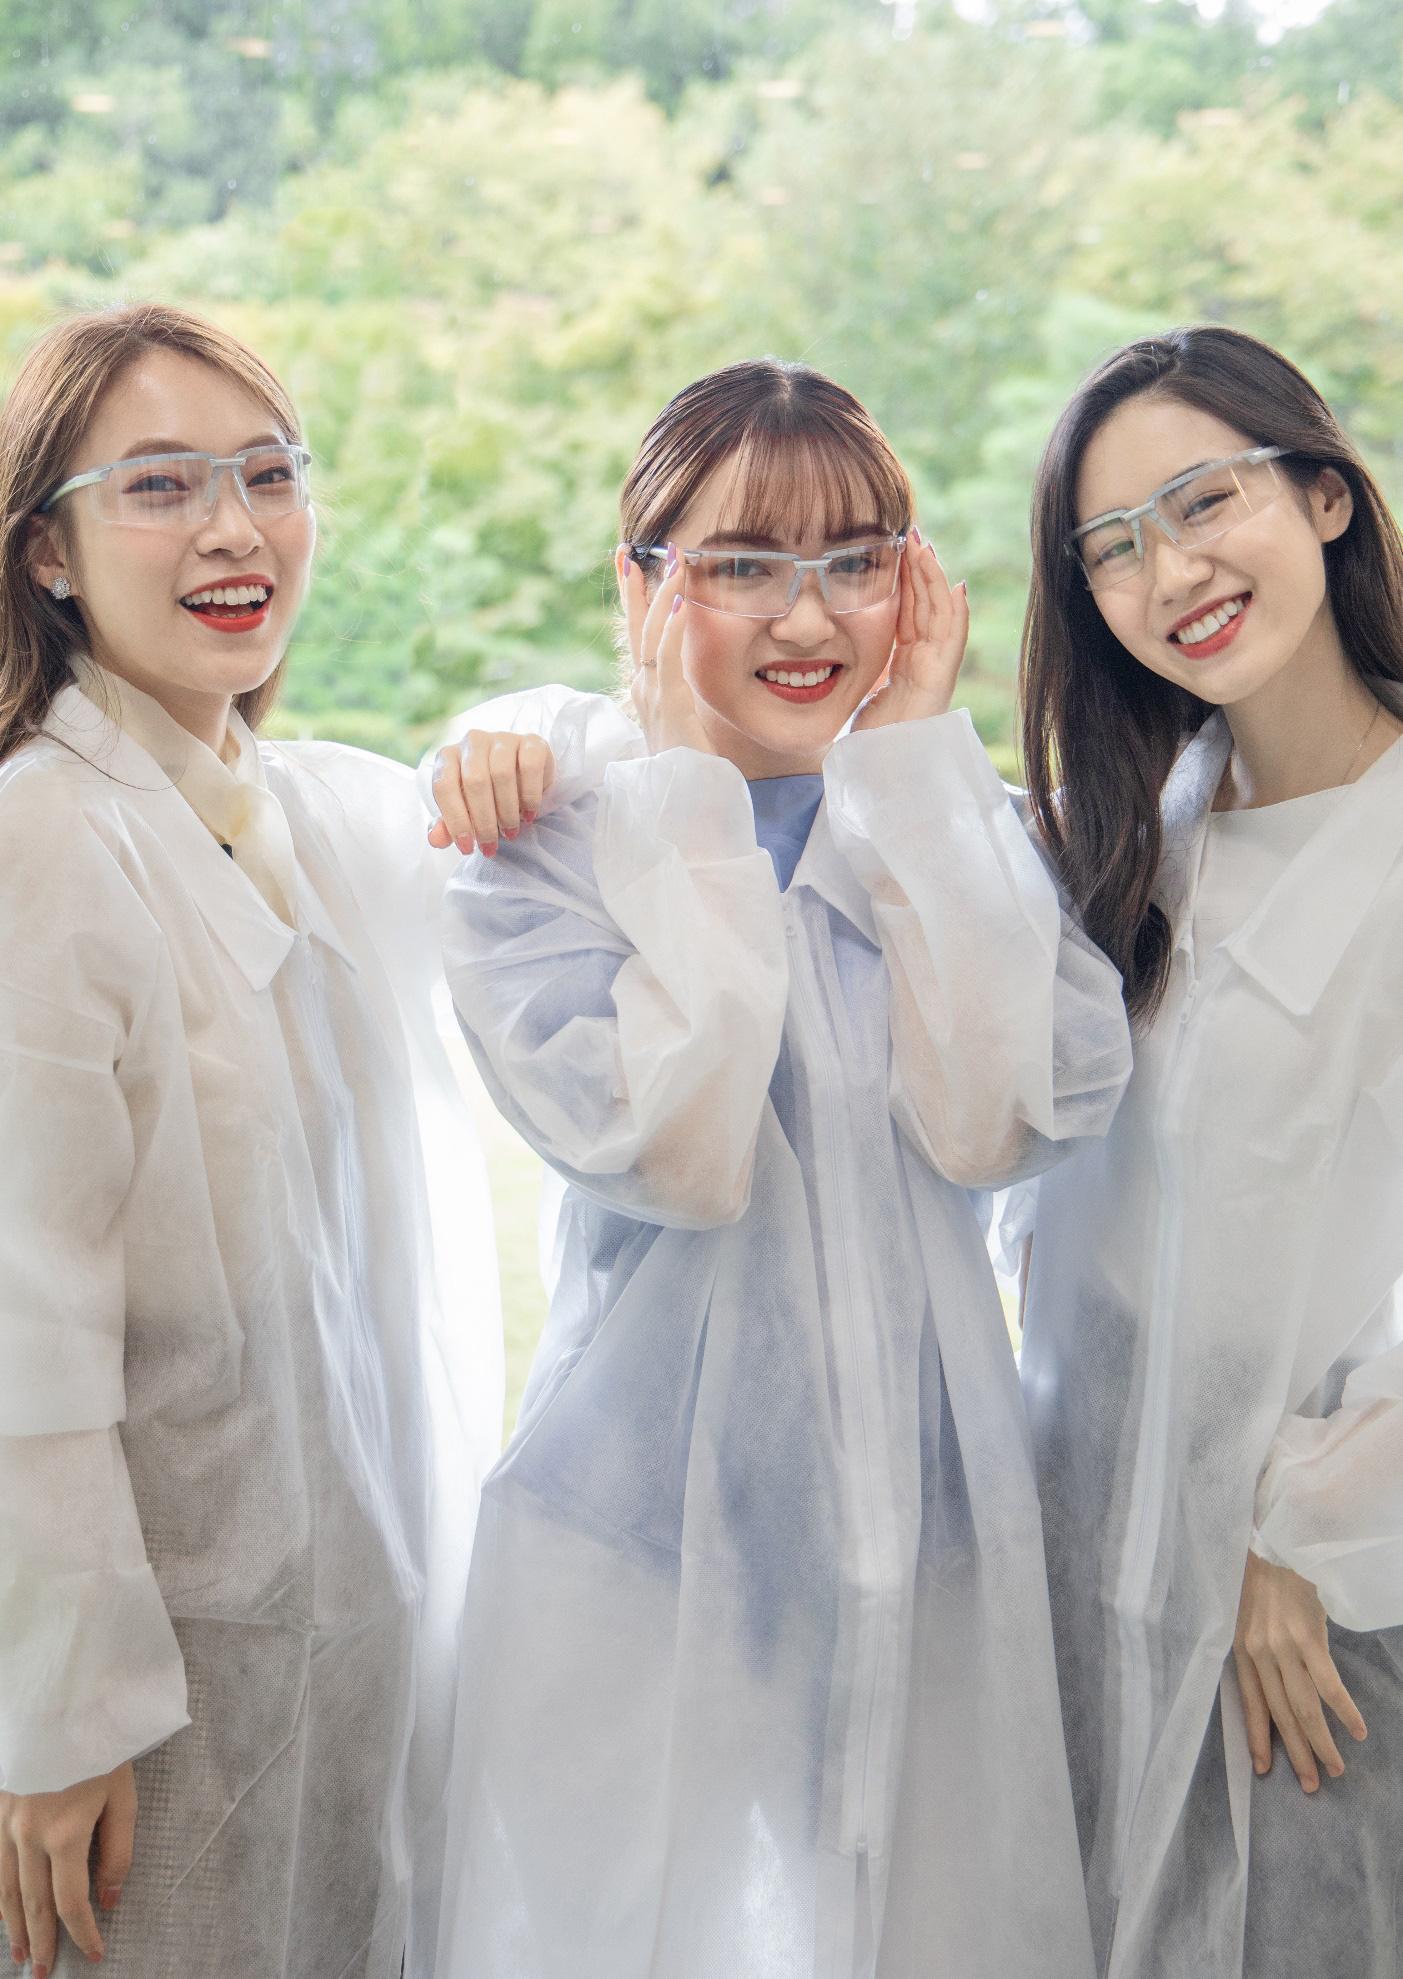 Nhân vật đặc biệt cùng dàn Beauty Vlogger nổi tiếng ghé thăm phòng nghiên cứu Rohto tại Nhật Bản là ai? - Ảnh 3.